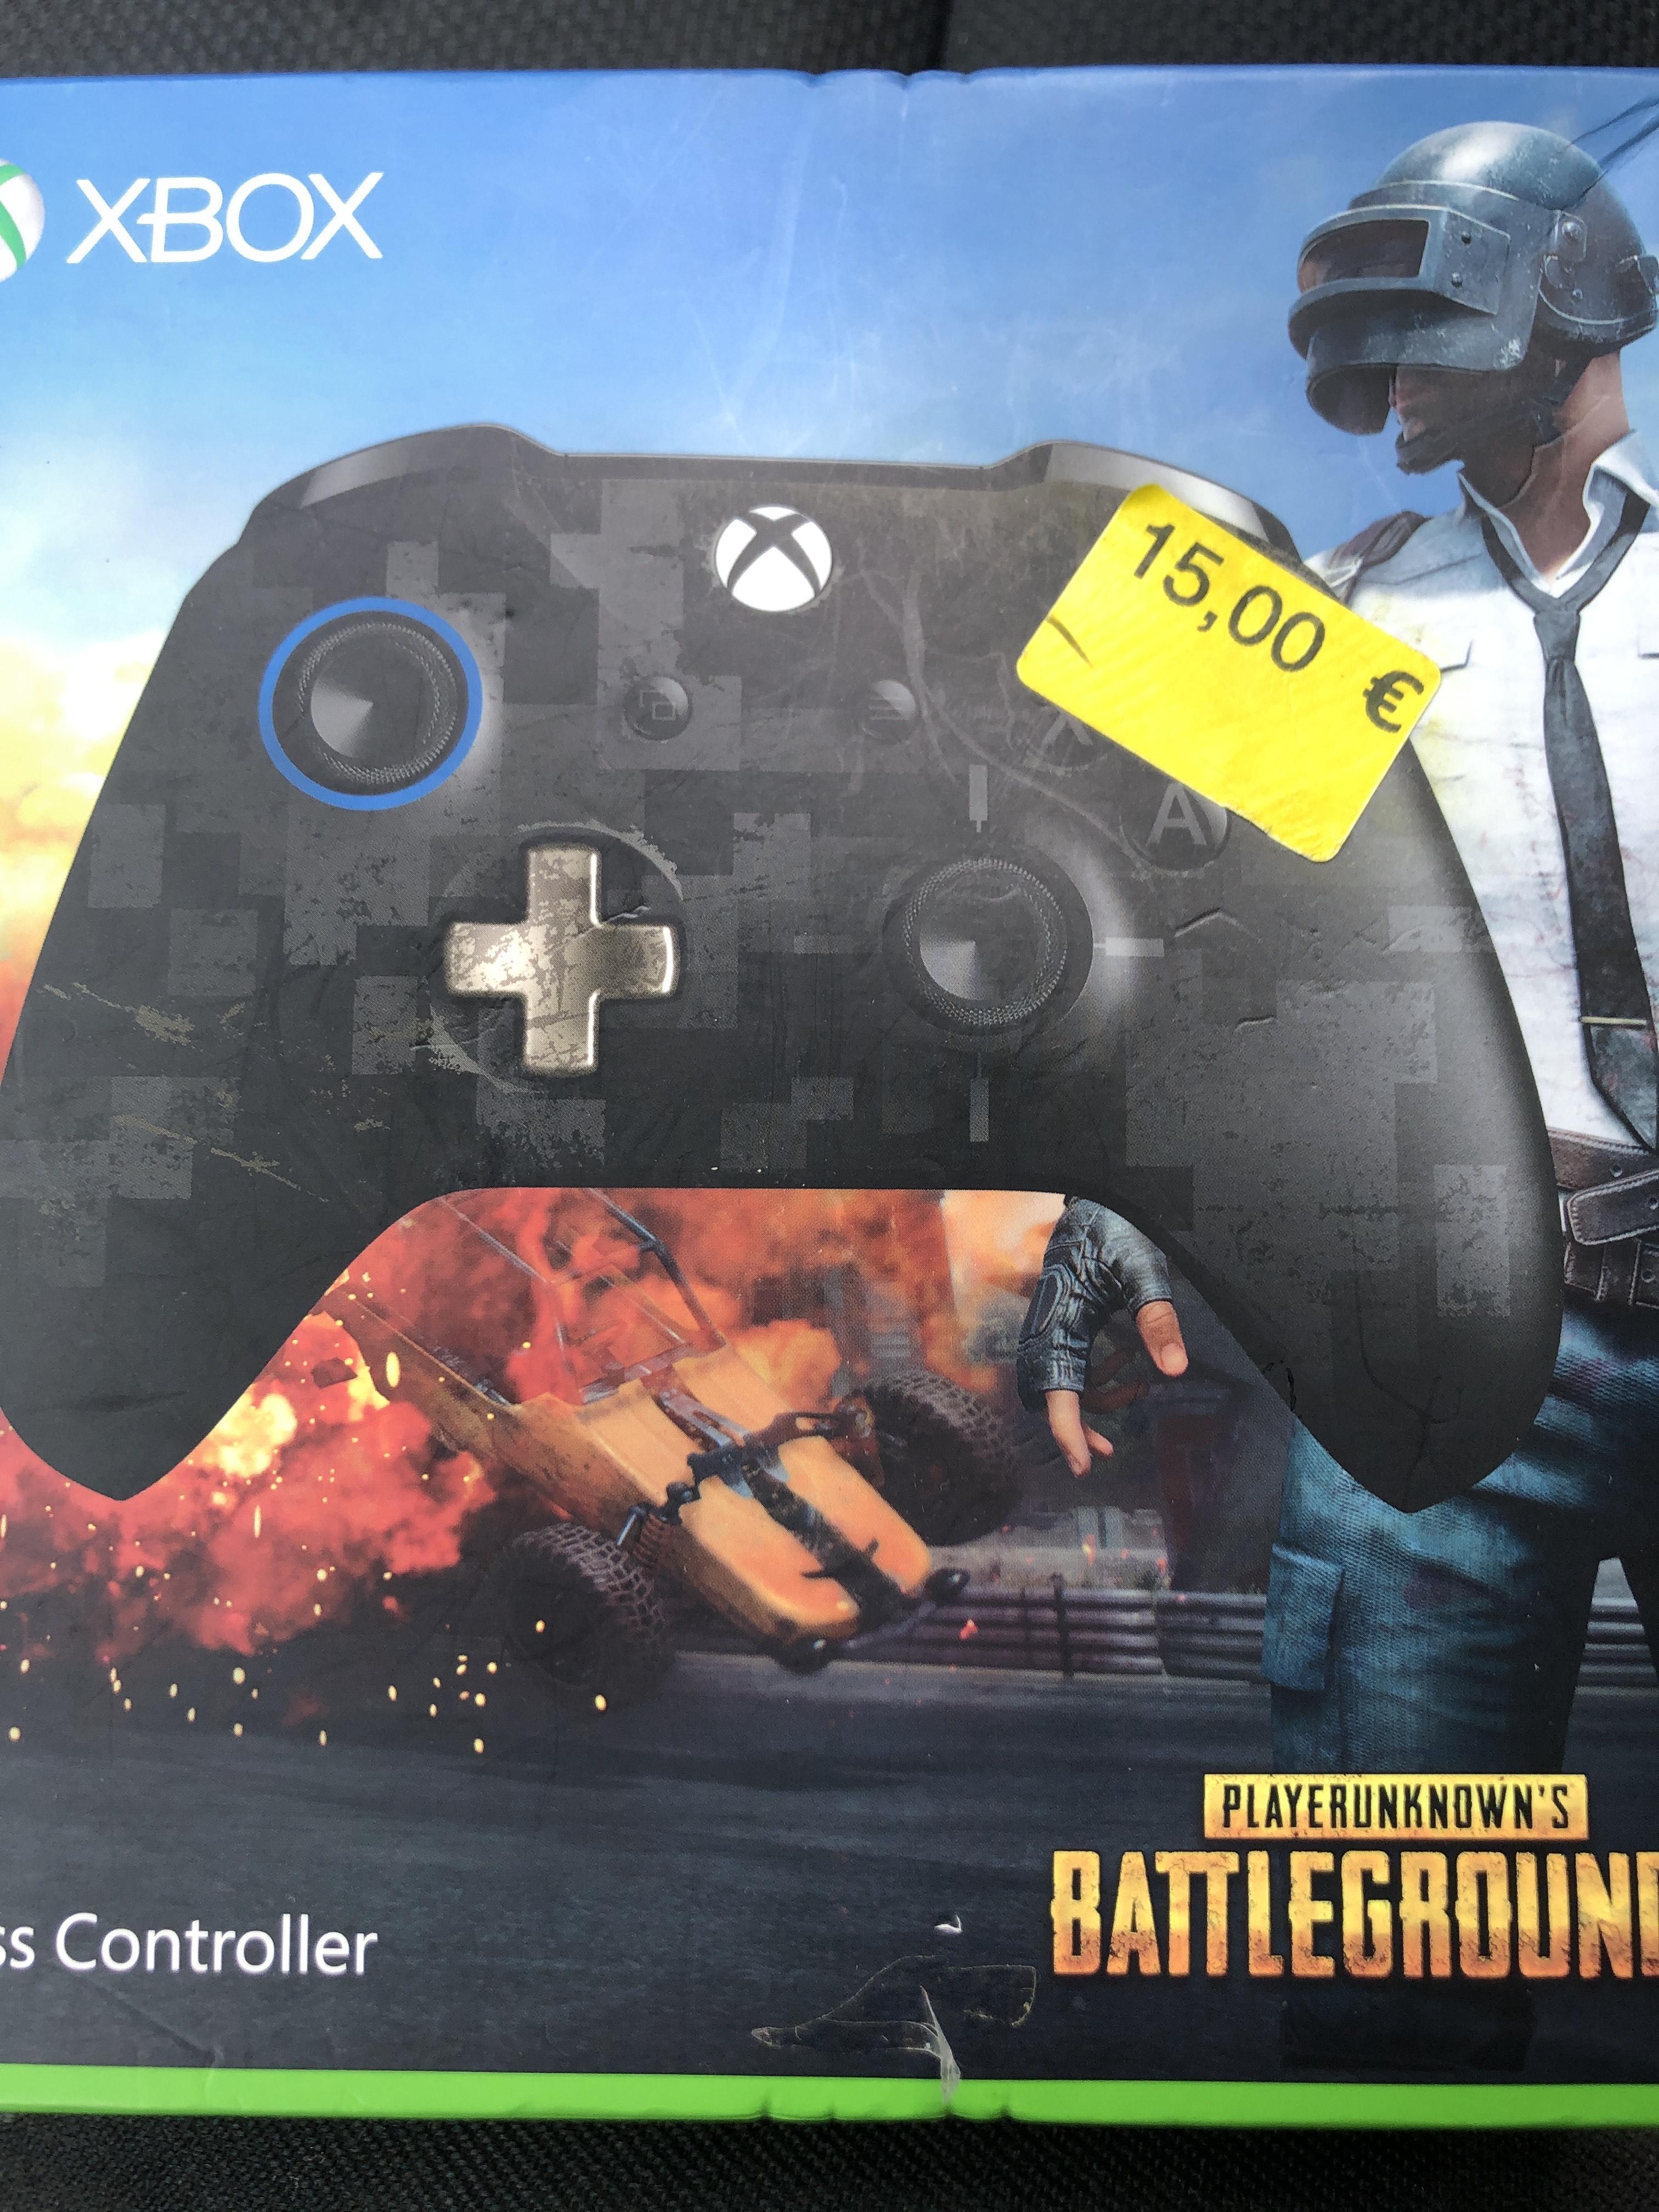 Mando Xbox One Edición Limitada Playerunknow's